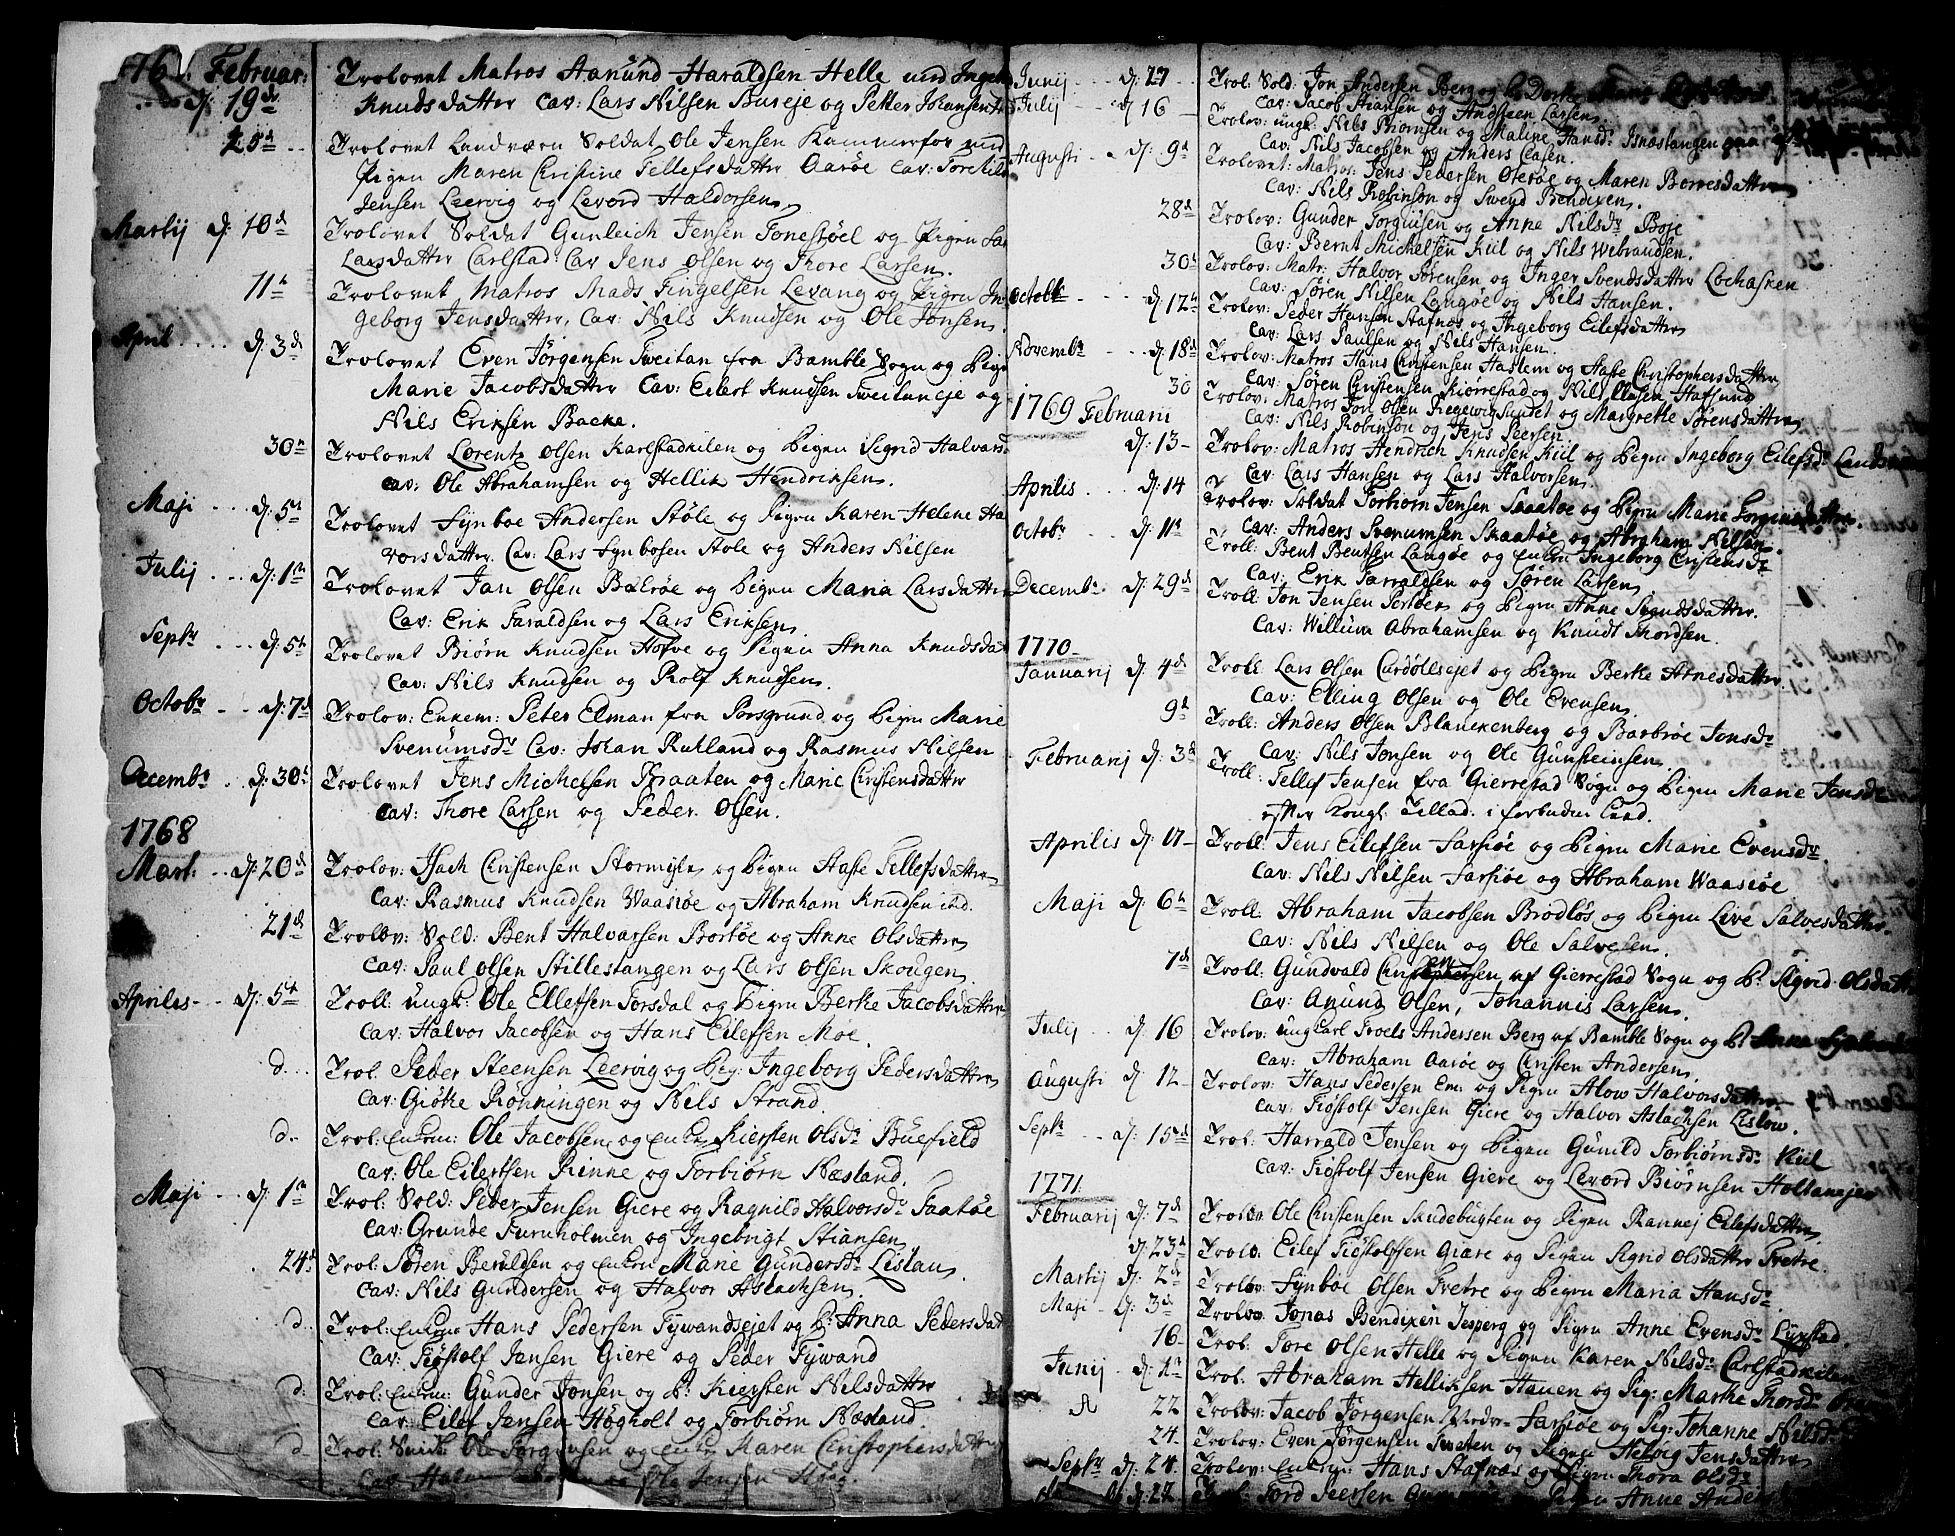 SAKO, Sannidal kirkebøker, F/Fa/L0002: Ministerialbok nr. 2, 1767-1802, s. 2